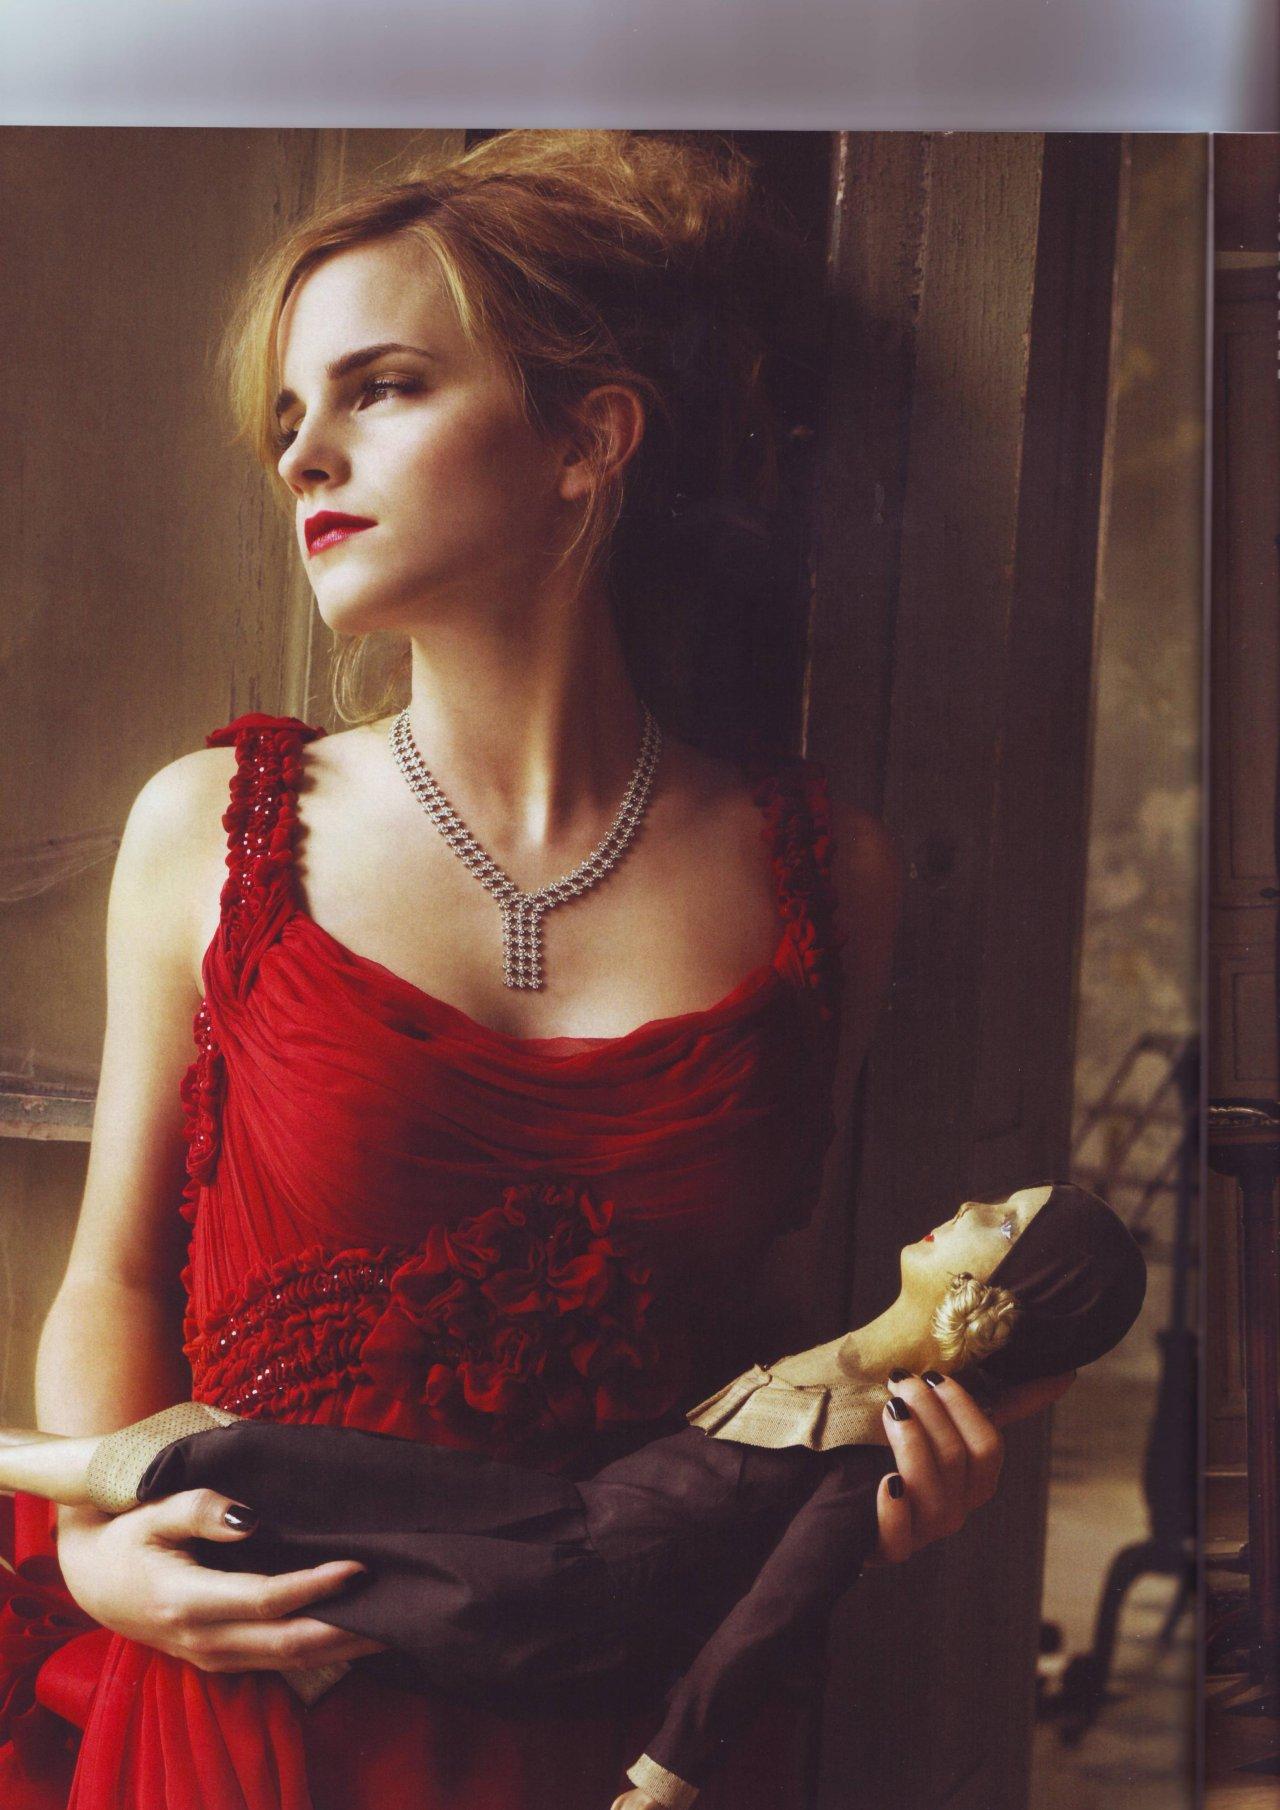 Emma Watson leaked wallpapers